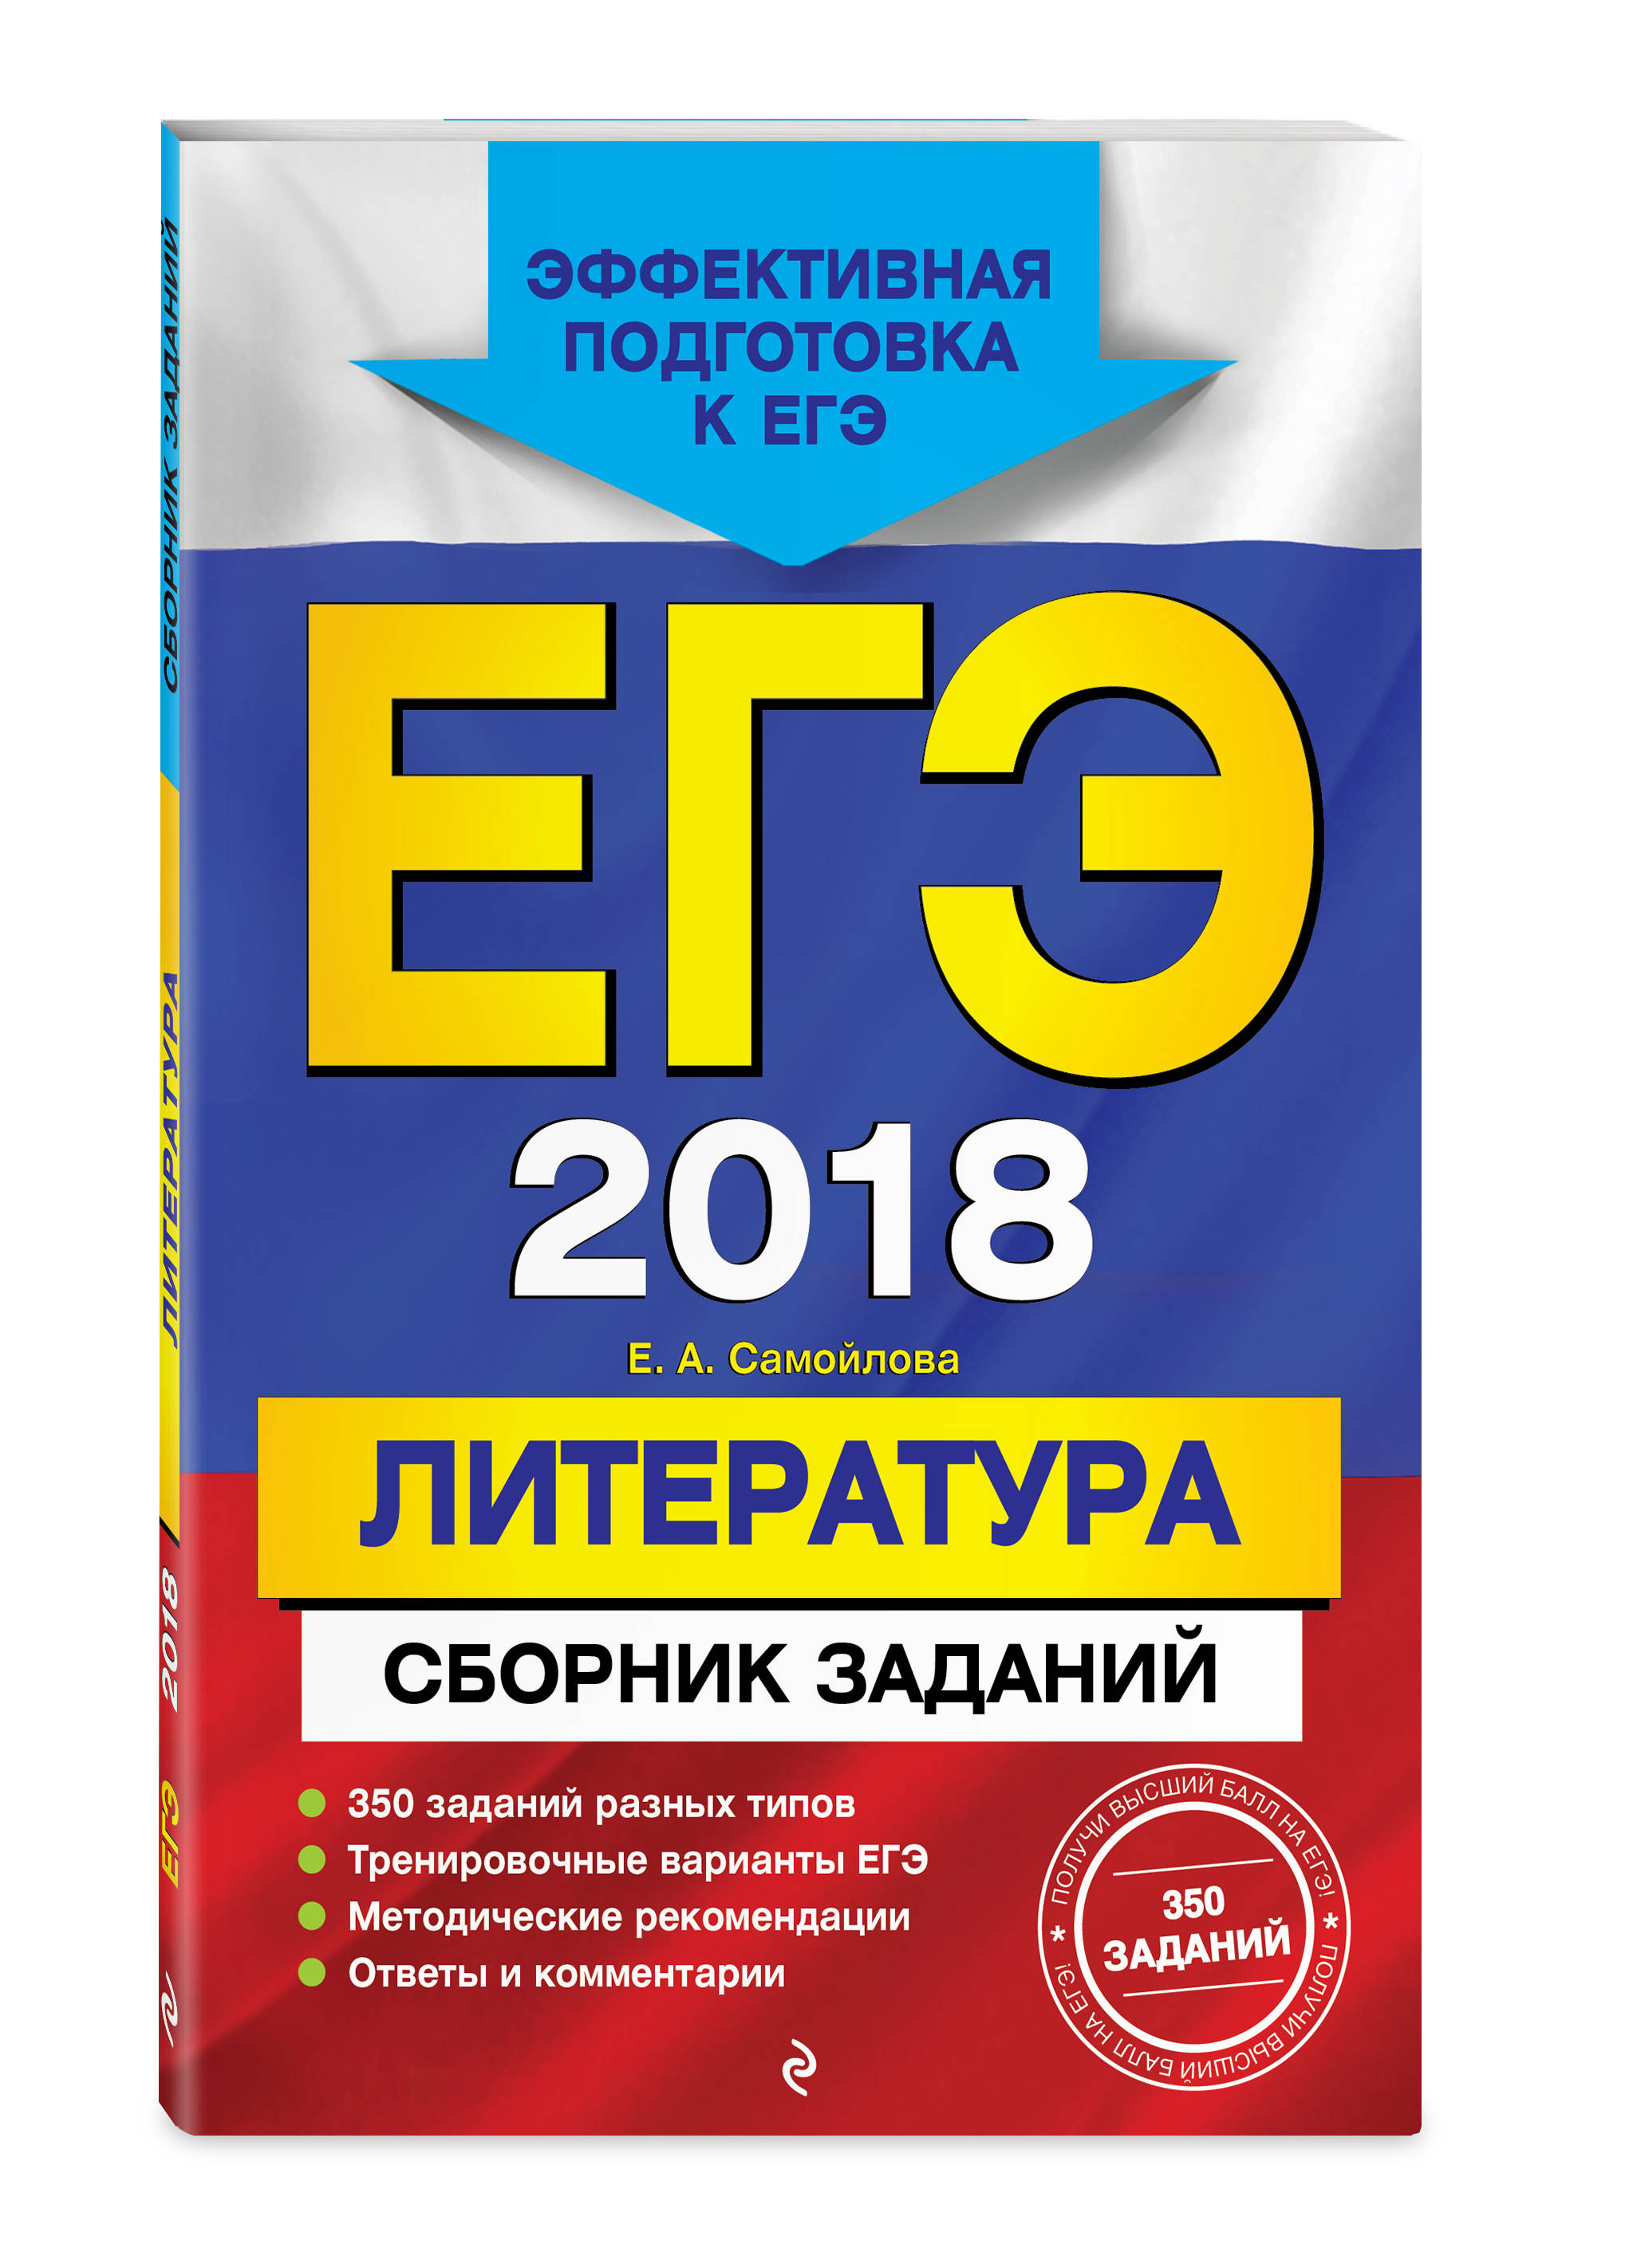 ЕГЭ-2018. Литература. Сборник заданий ( Самойлова Е.А.  )